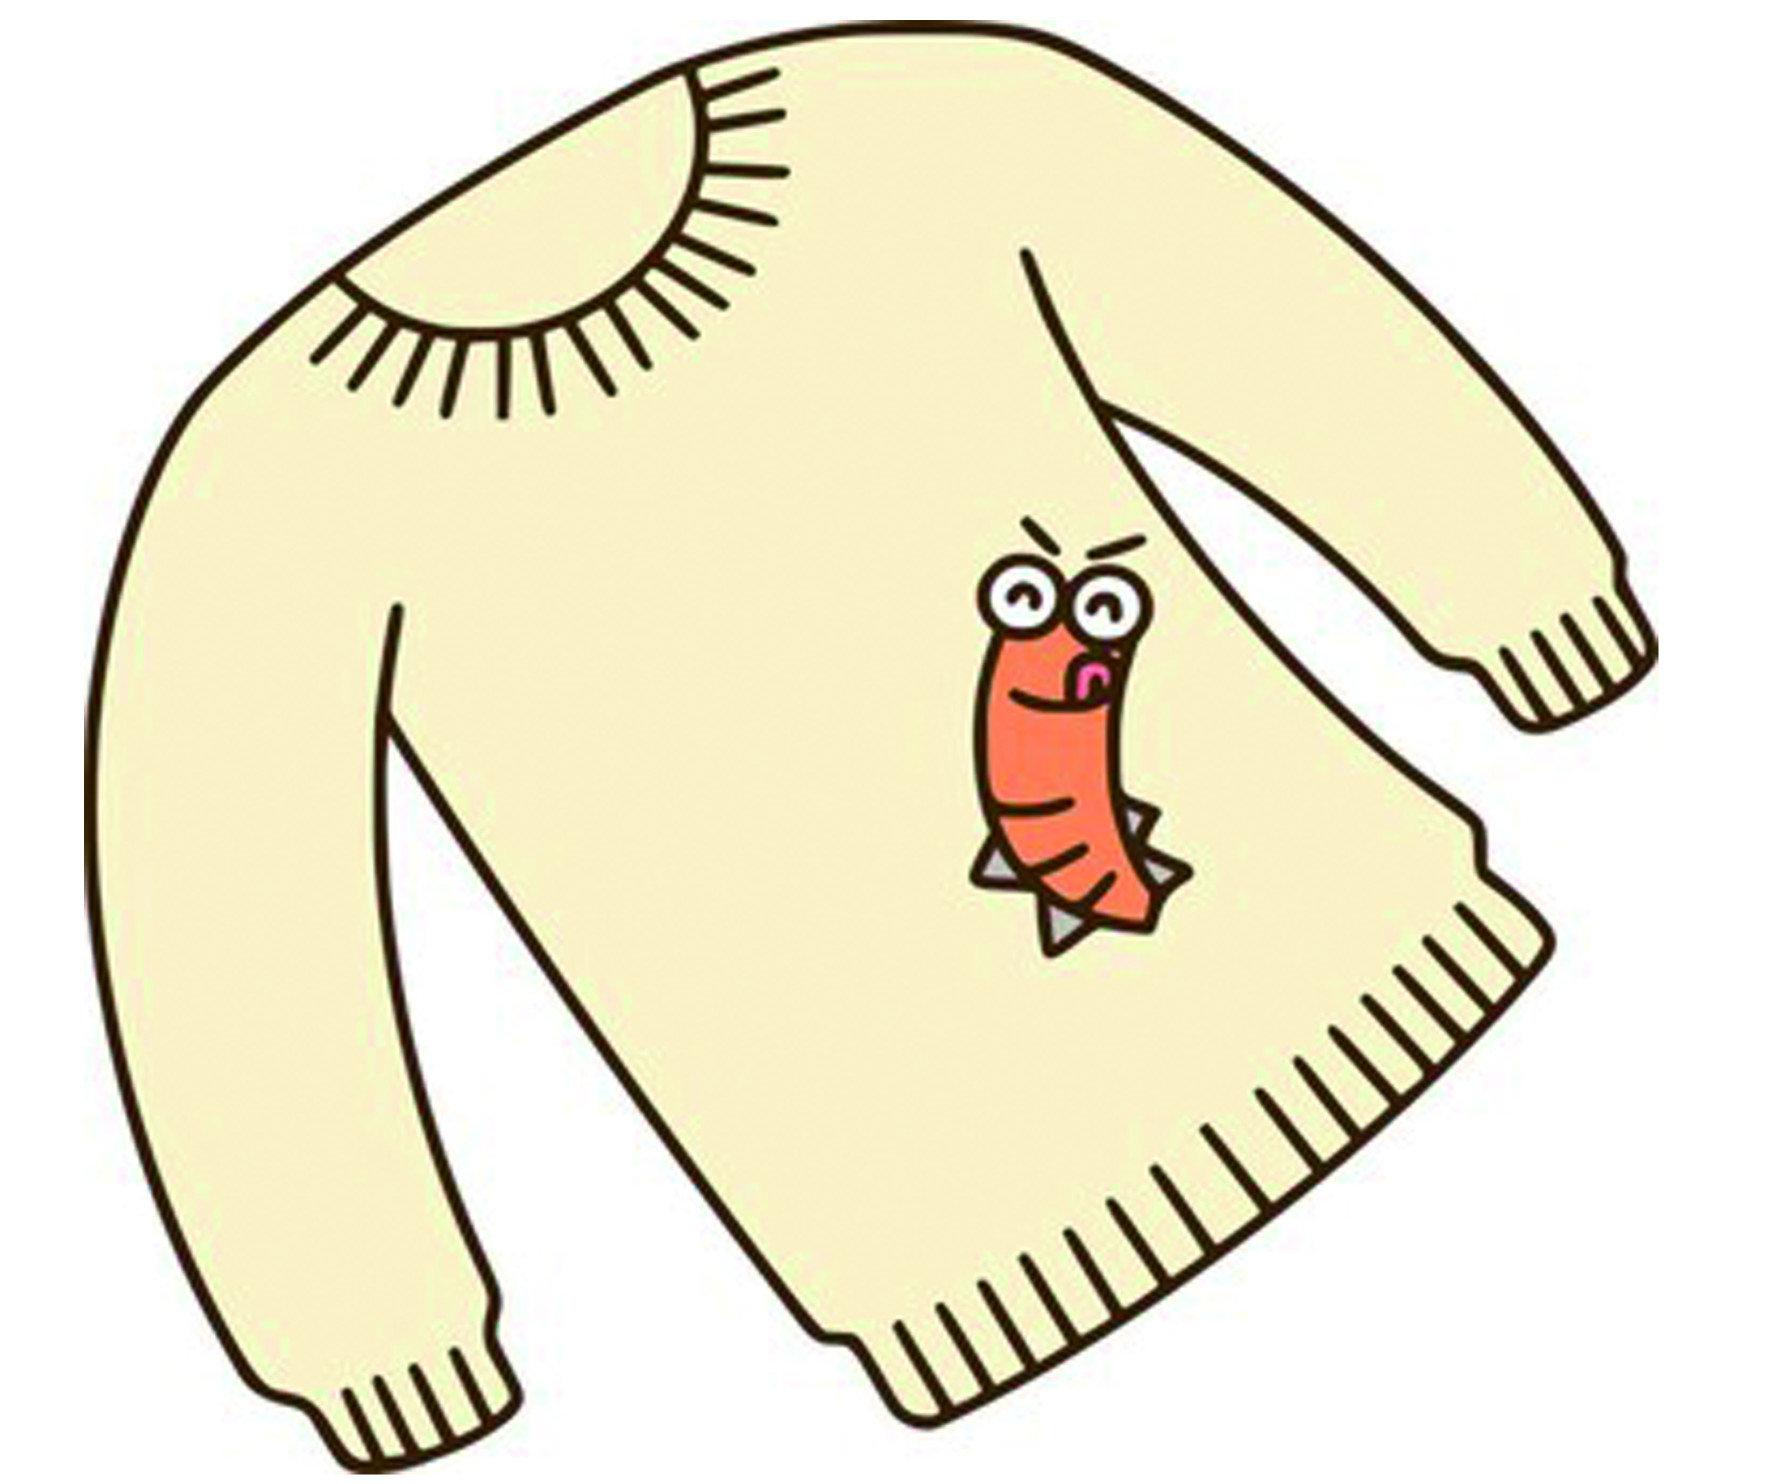 相信大家都有過這種經驗,衣櫃中翻開許久沒穿的衣服或是翻開雜物堆時,突然竄出一隻有如外星生物一般的銀色小蟲,邊蠕動著邊快速爬過,實在是令人感到不寒而慄的噁心。這就是躲在衣服堆中,默默咬破衣櫃中一件件漂亮衣裳的兇手,俗稱「蠹魚」的「衣魚」。